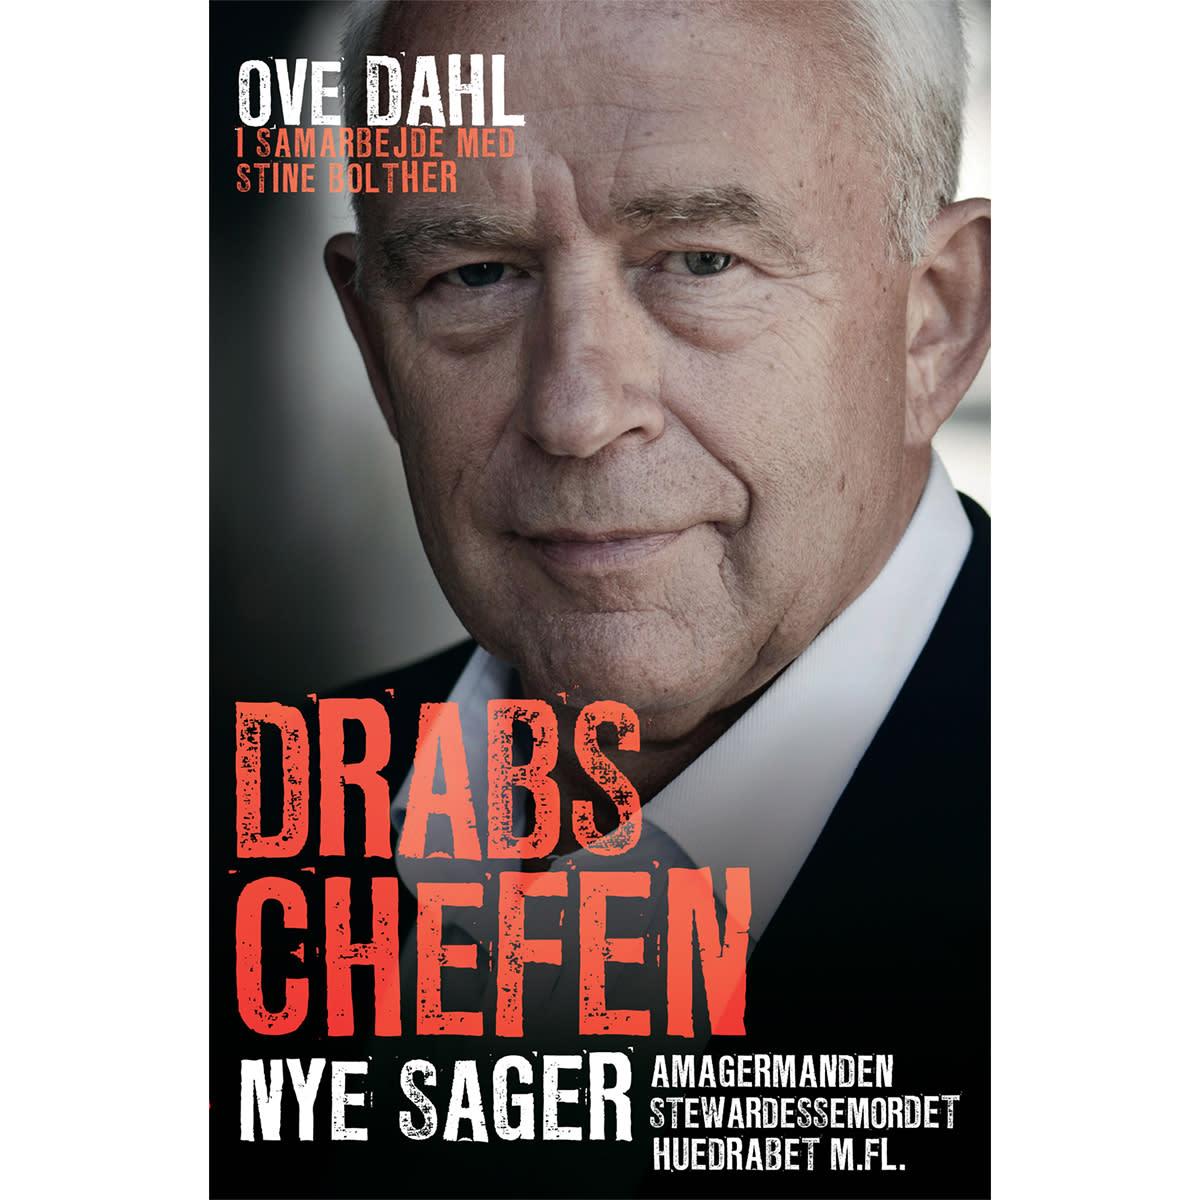 Af Ove Dahl & Stine Bolther